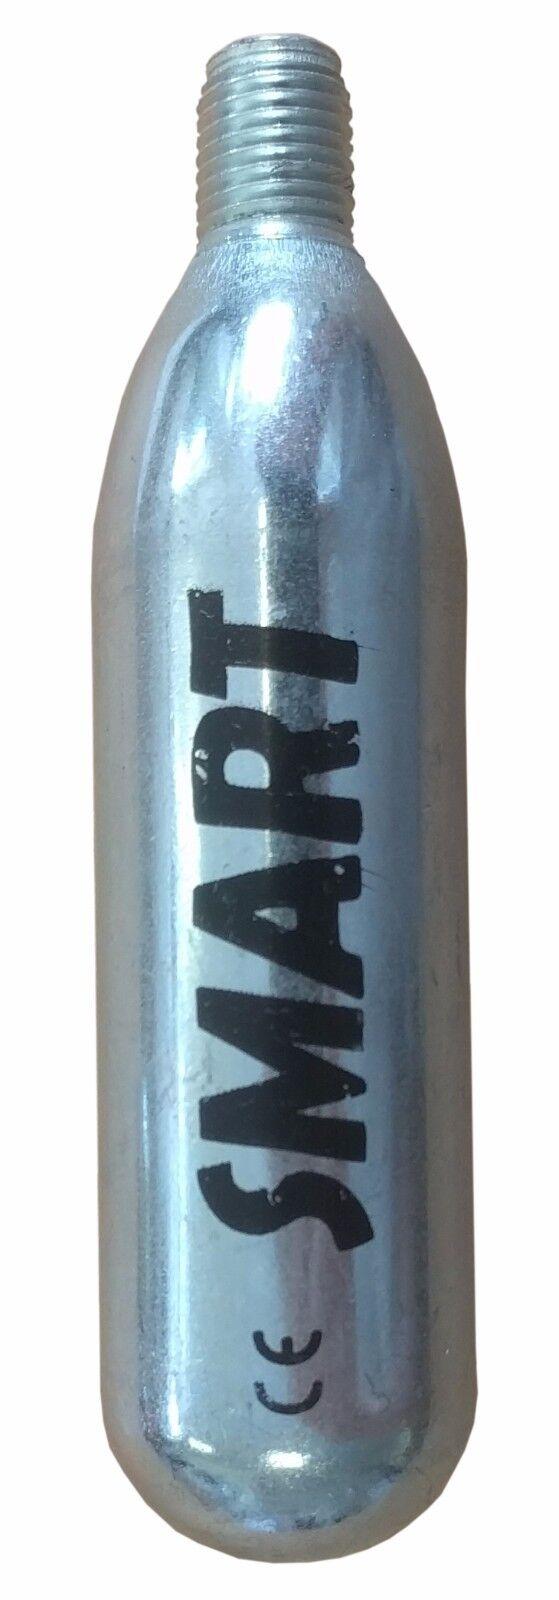 10 x 88g Co2 GAS CARTRIDGES for AIR RIFLE - PAINTBALL - AIR GUNS capsule